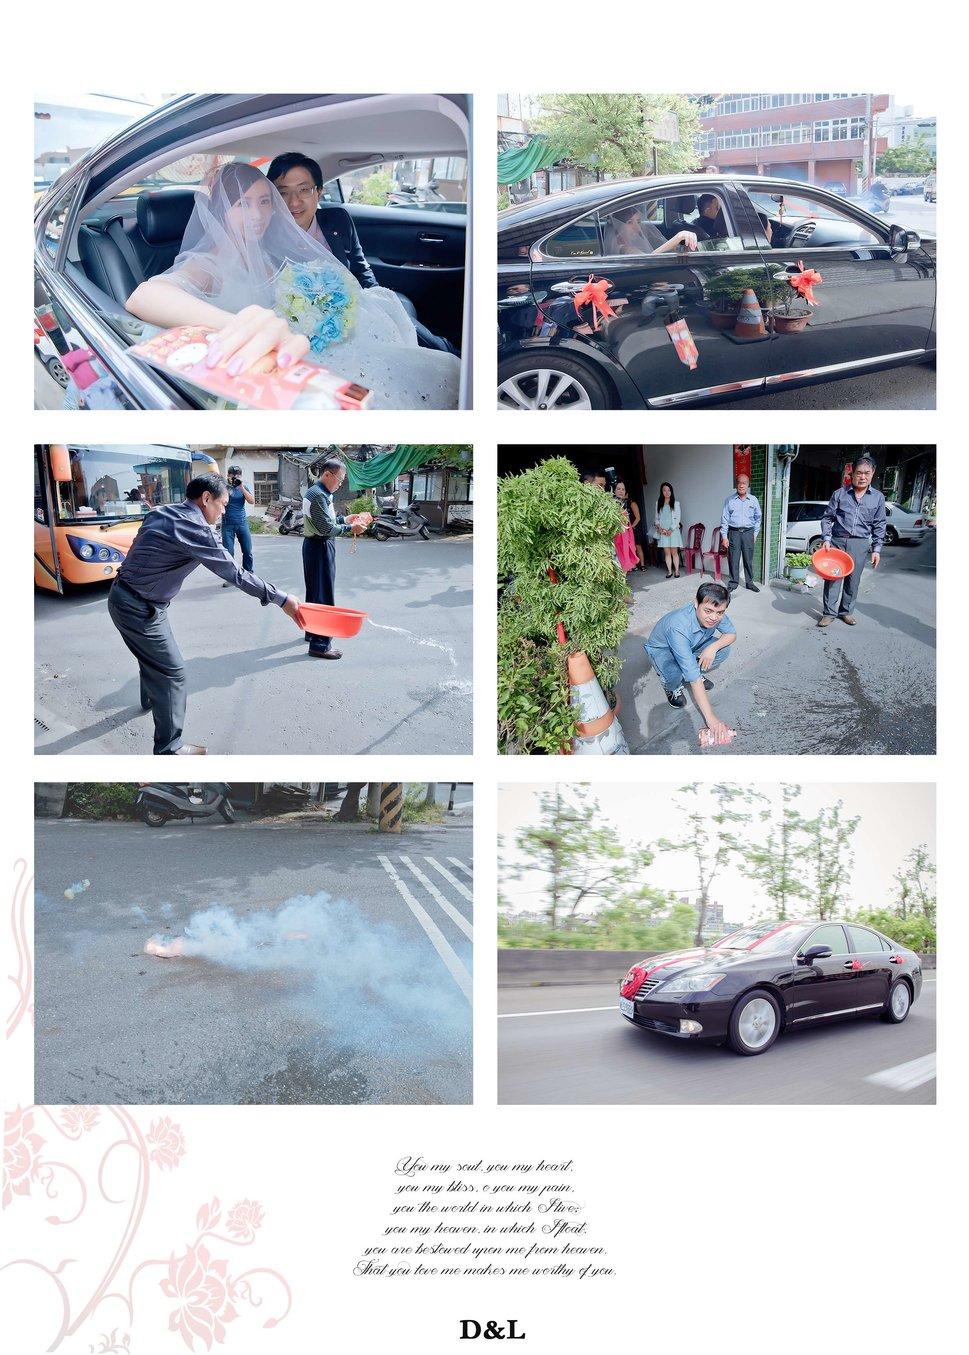 婚禮記錄-維信&佩君(編號:374401) - D&L 婚禮事務-婚禮攝影/婚紗攝影 - 結婚吧一站式婚禮服務平台